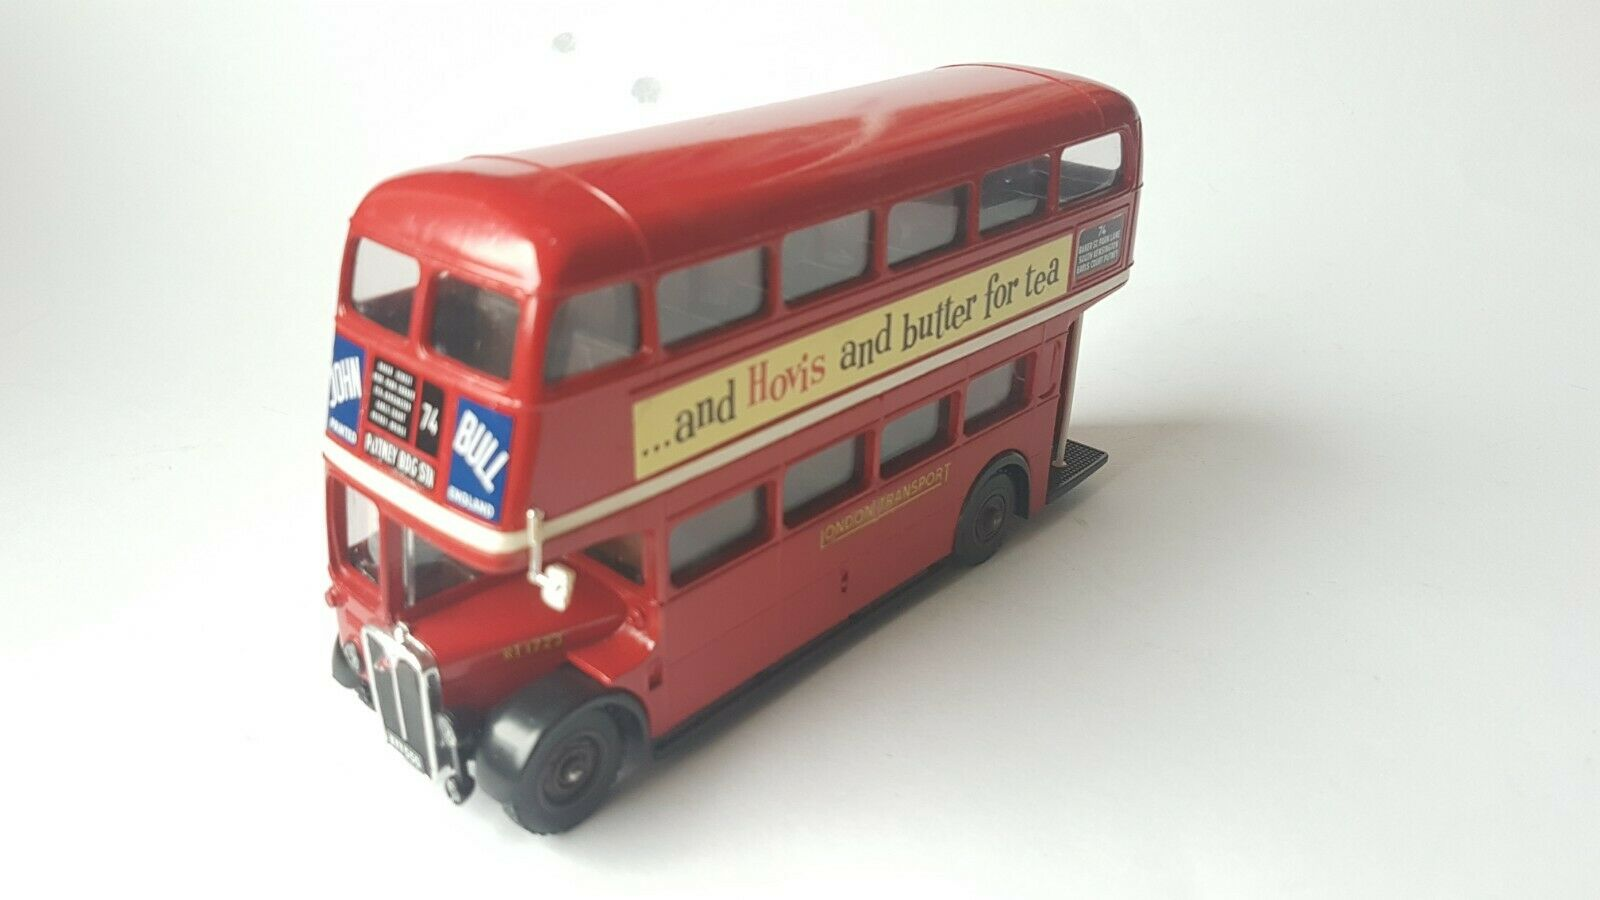 para barato Solido autobús modelo n. 4402 1 1 1 50 09.80  London Transport  1 50  hasta 60% de descuento